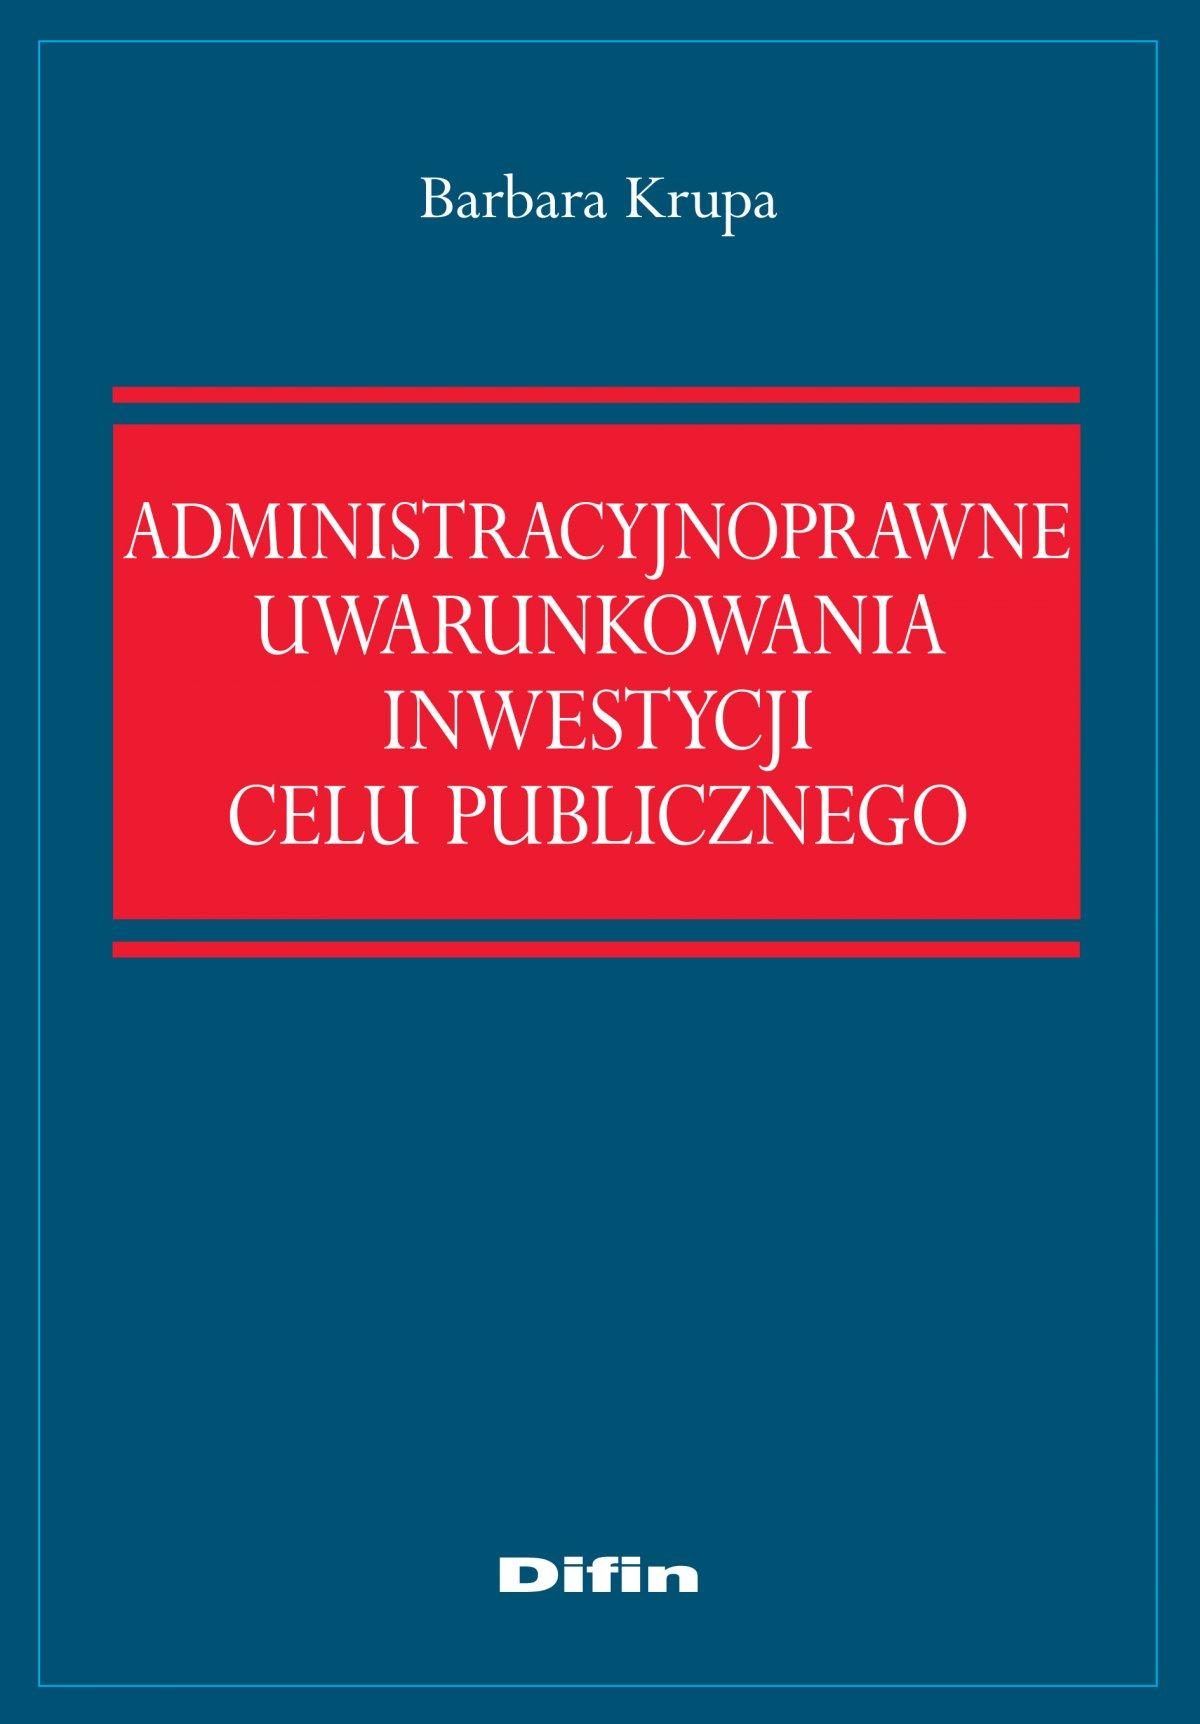 Administracyjnoprawne uwarunkowania inwestycji celu publicznego